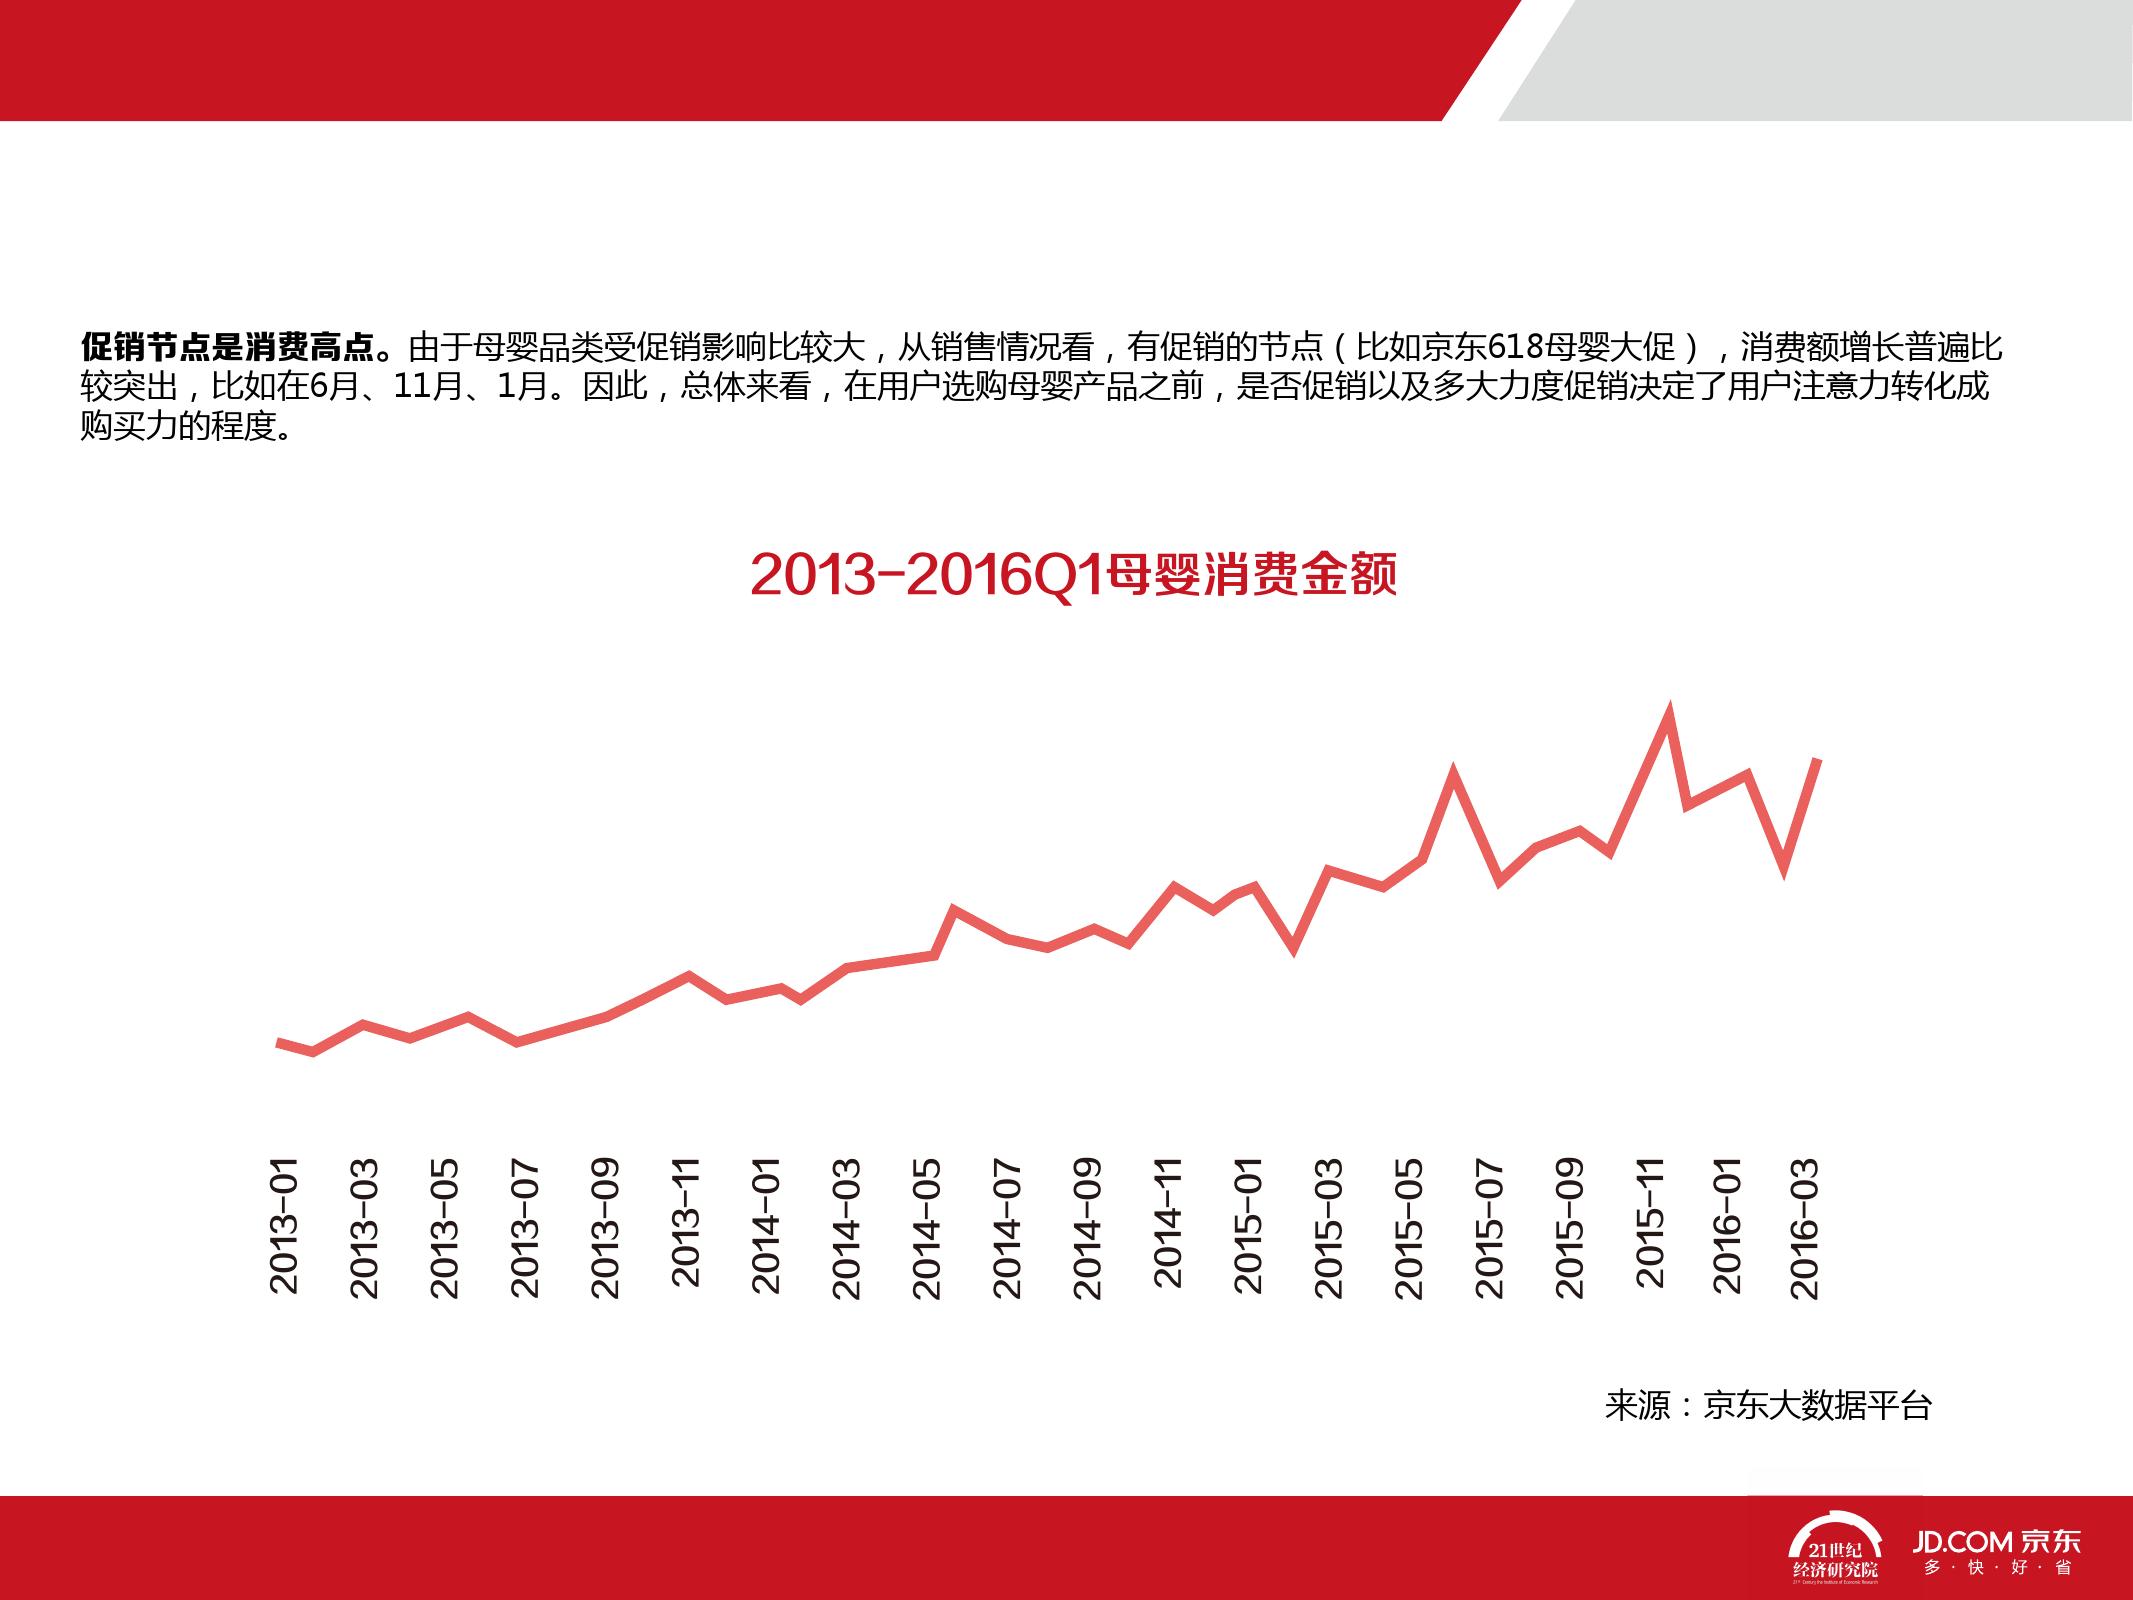 2016中国母婴产品消费趋势报告_000020